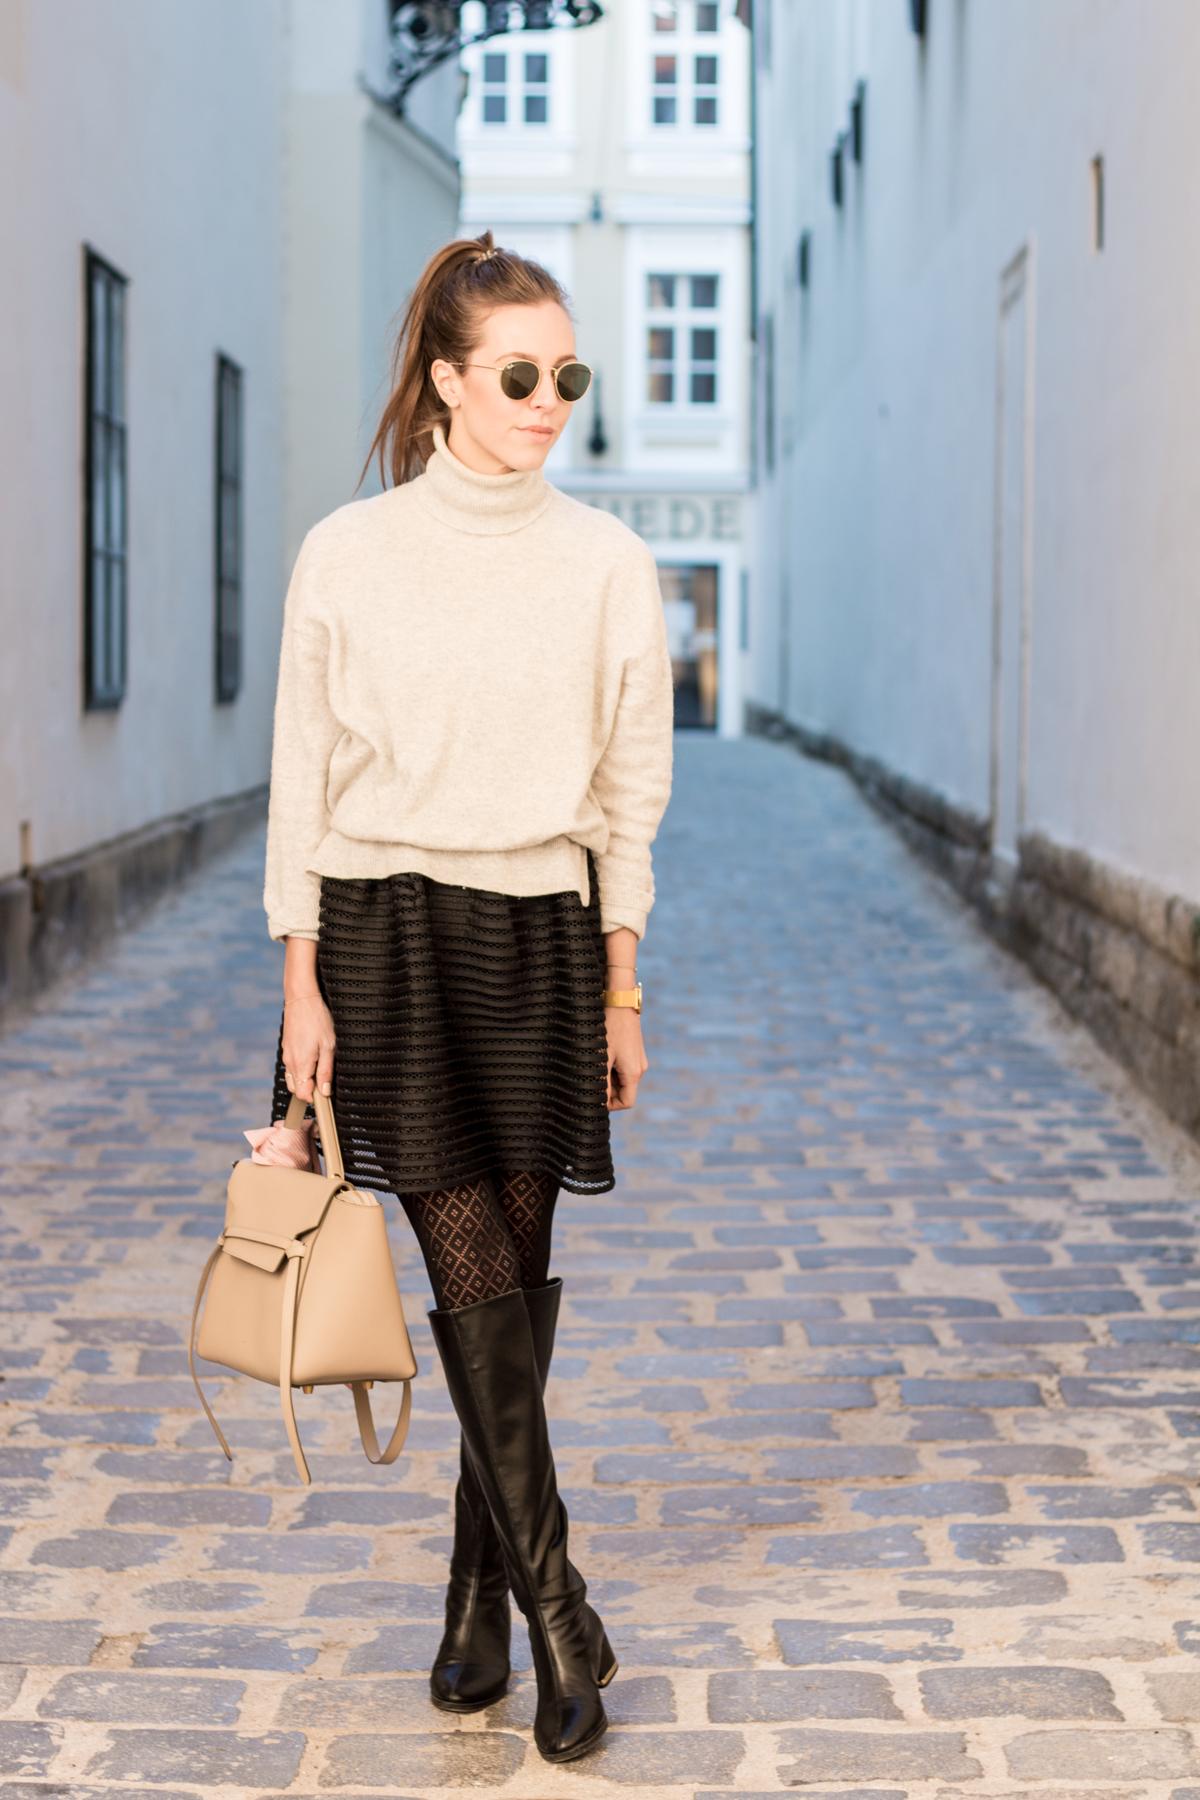 skirt-day-6